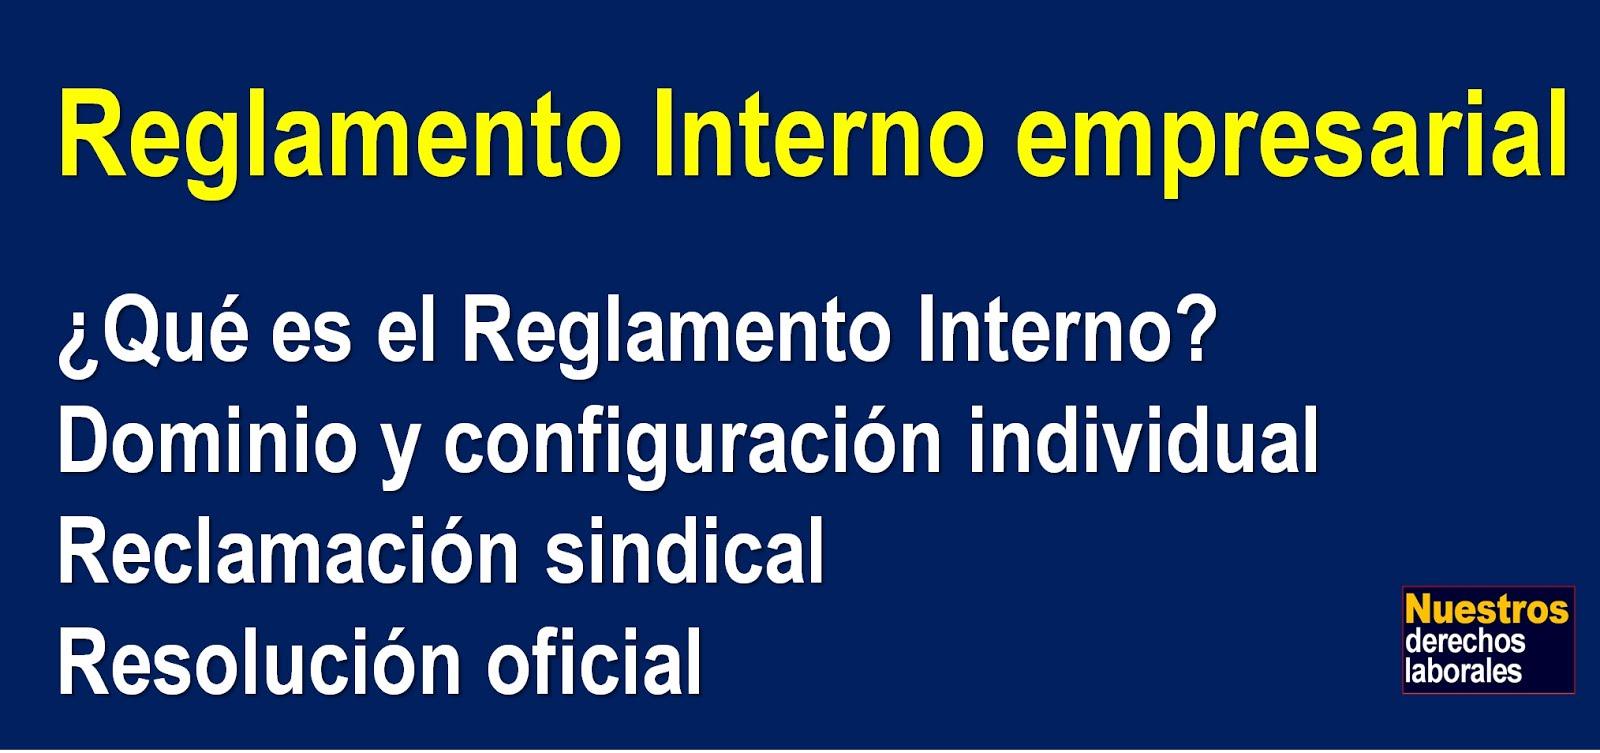 Reglamento Interno empresarial.